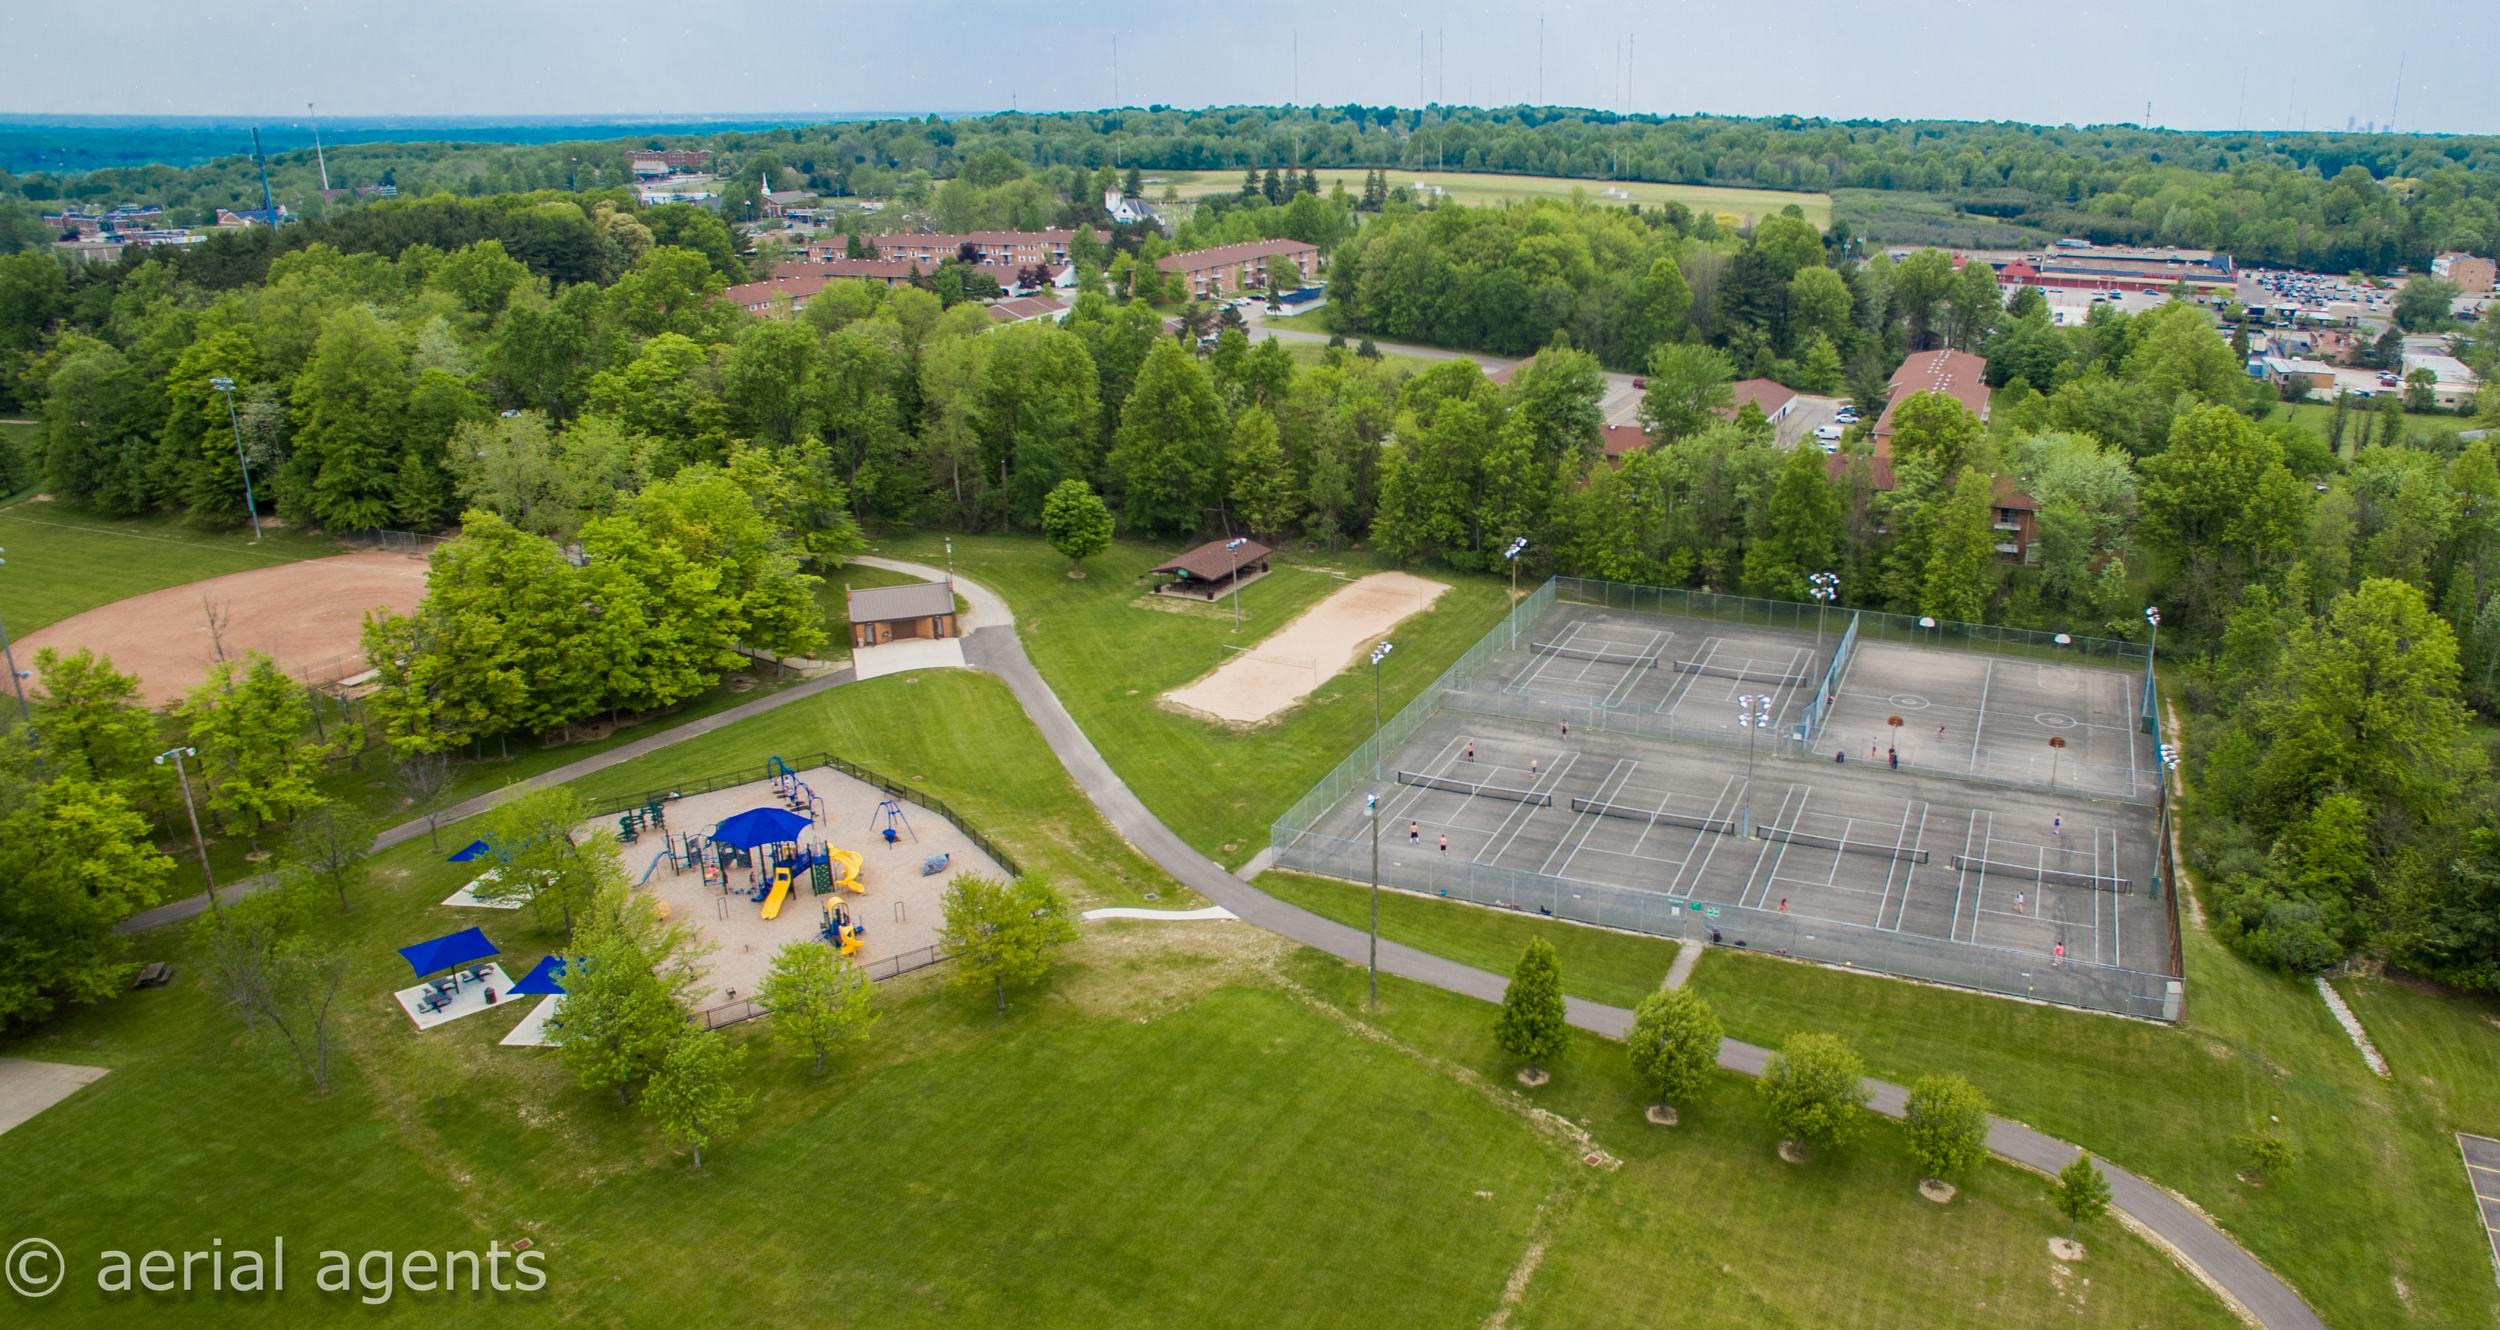 Memorial Park • North Royalton, Ohio